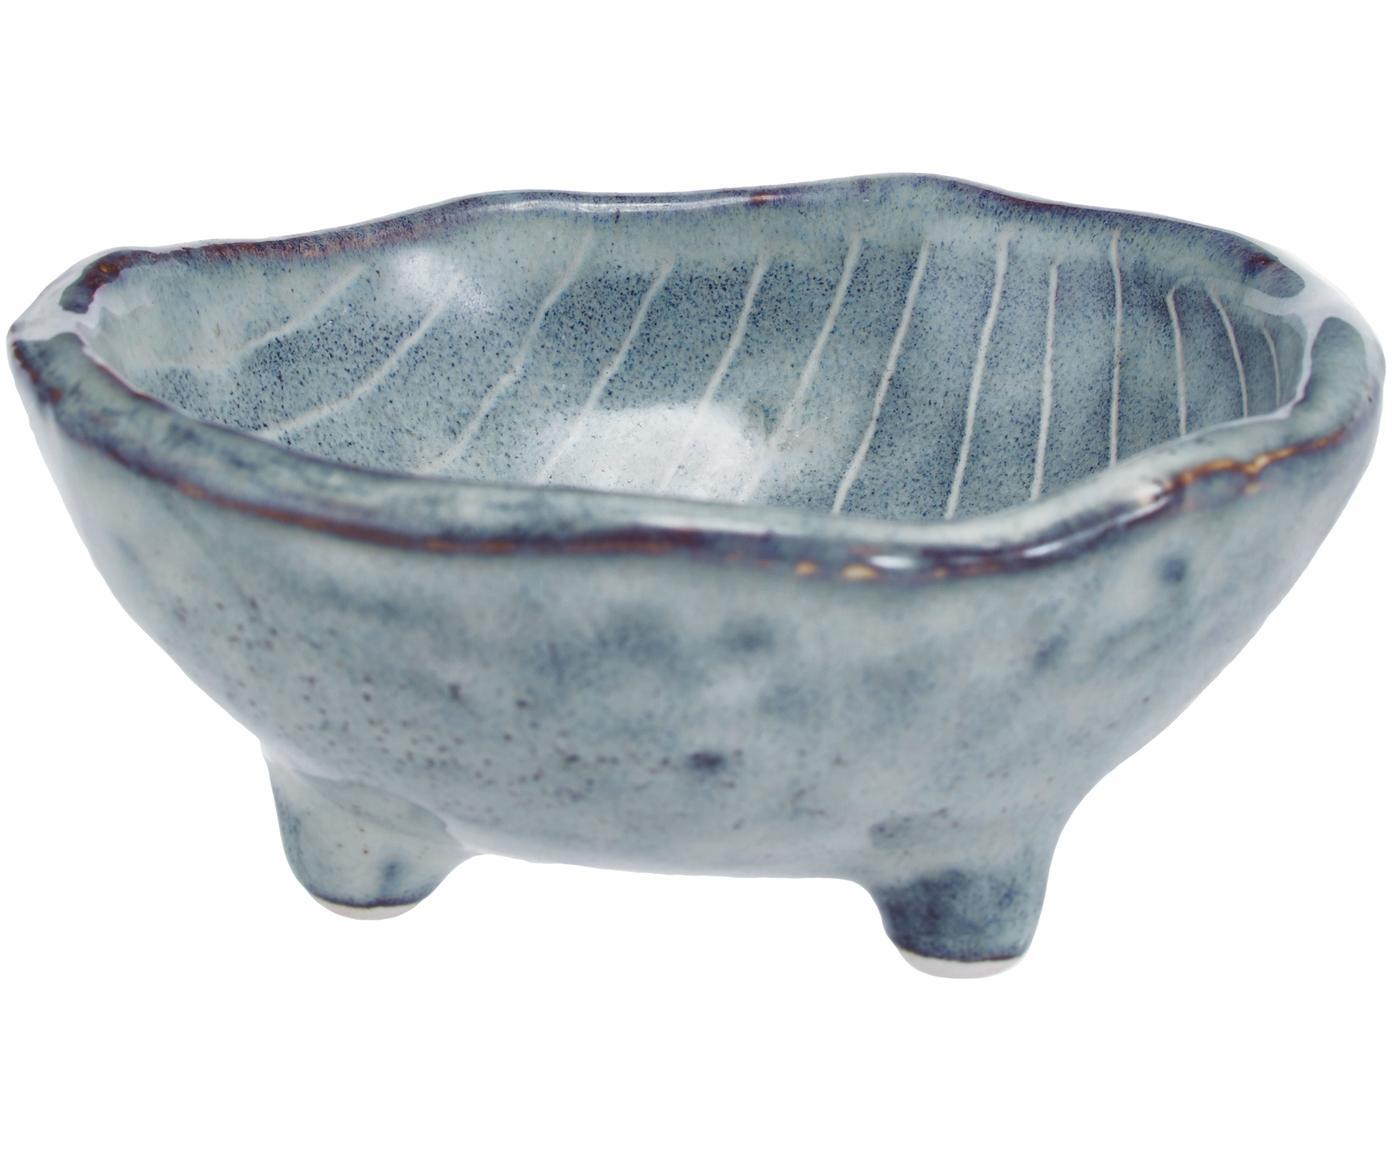 Ciotola fatta a mano Nordic Sea 4 pz, Terracotta, Grigio e tonalità blu, Ø 8 x Alt. 4 cm